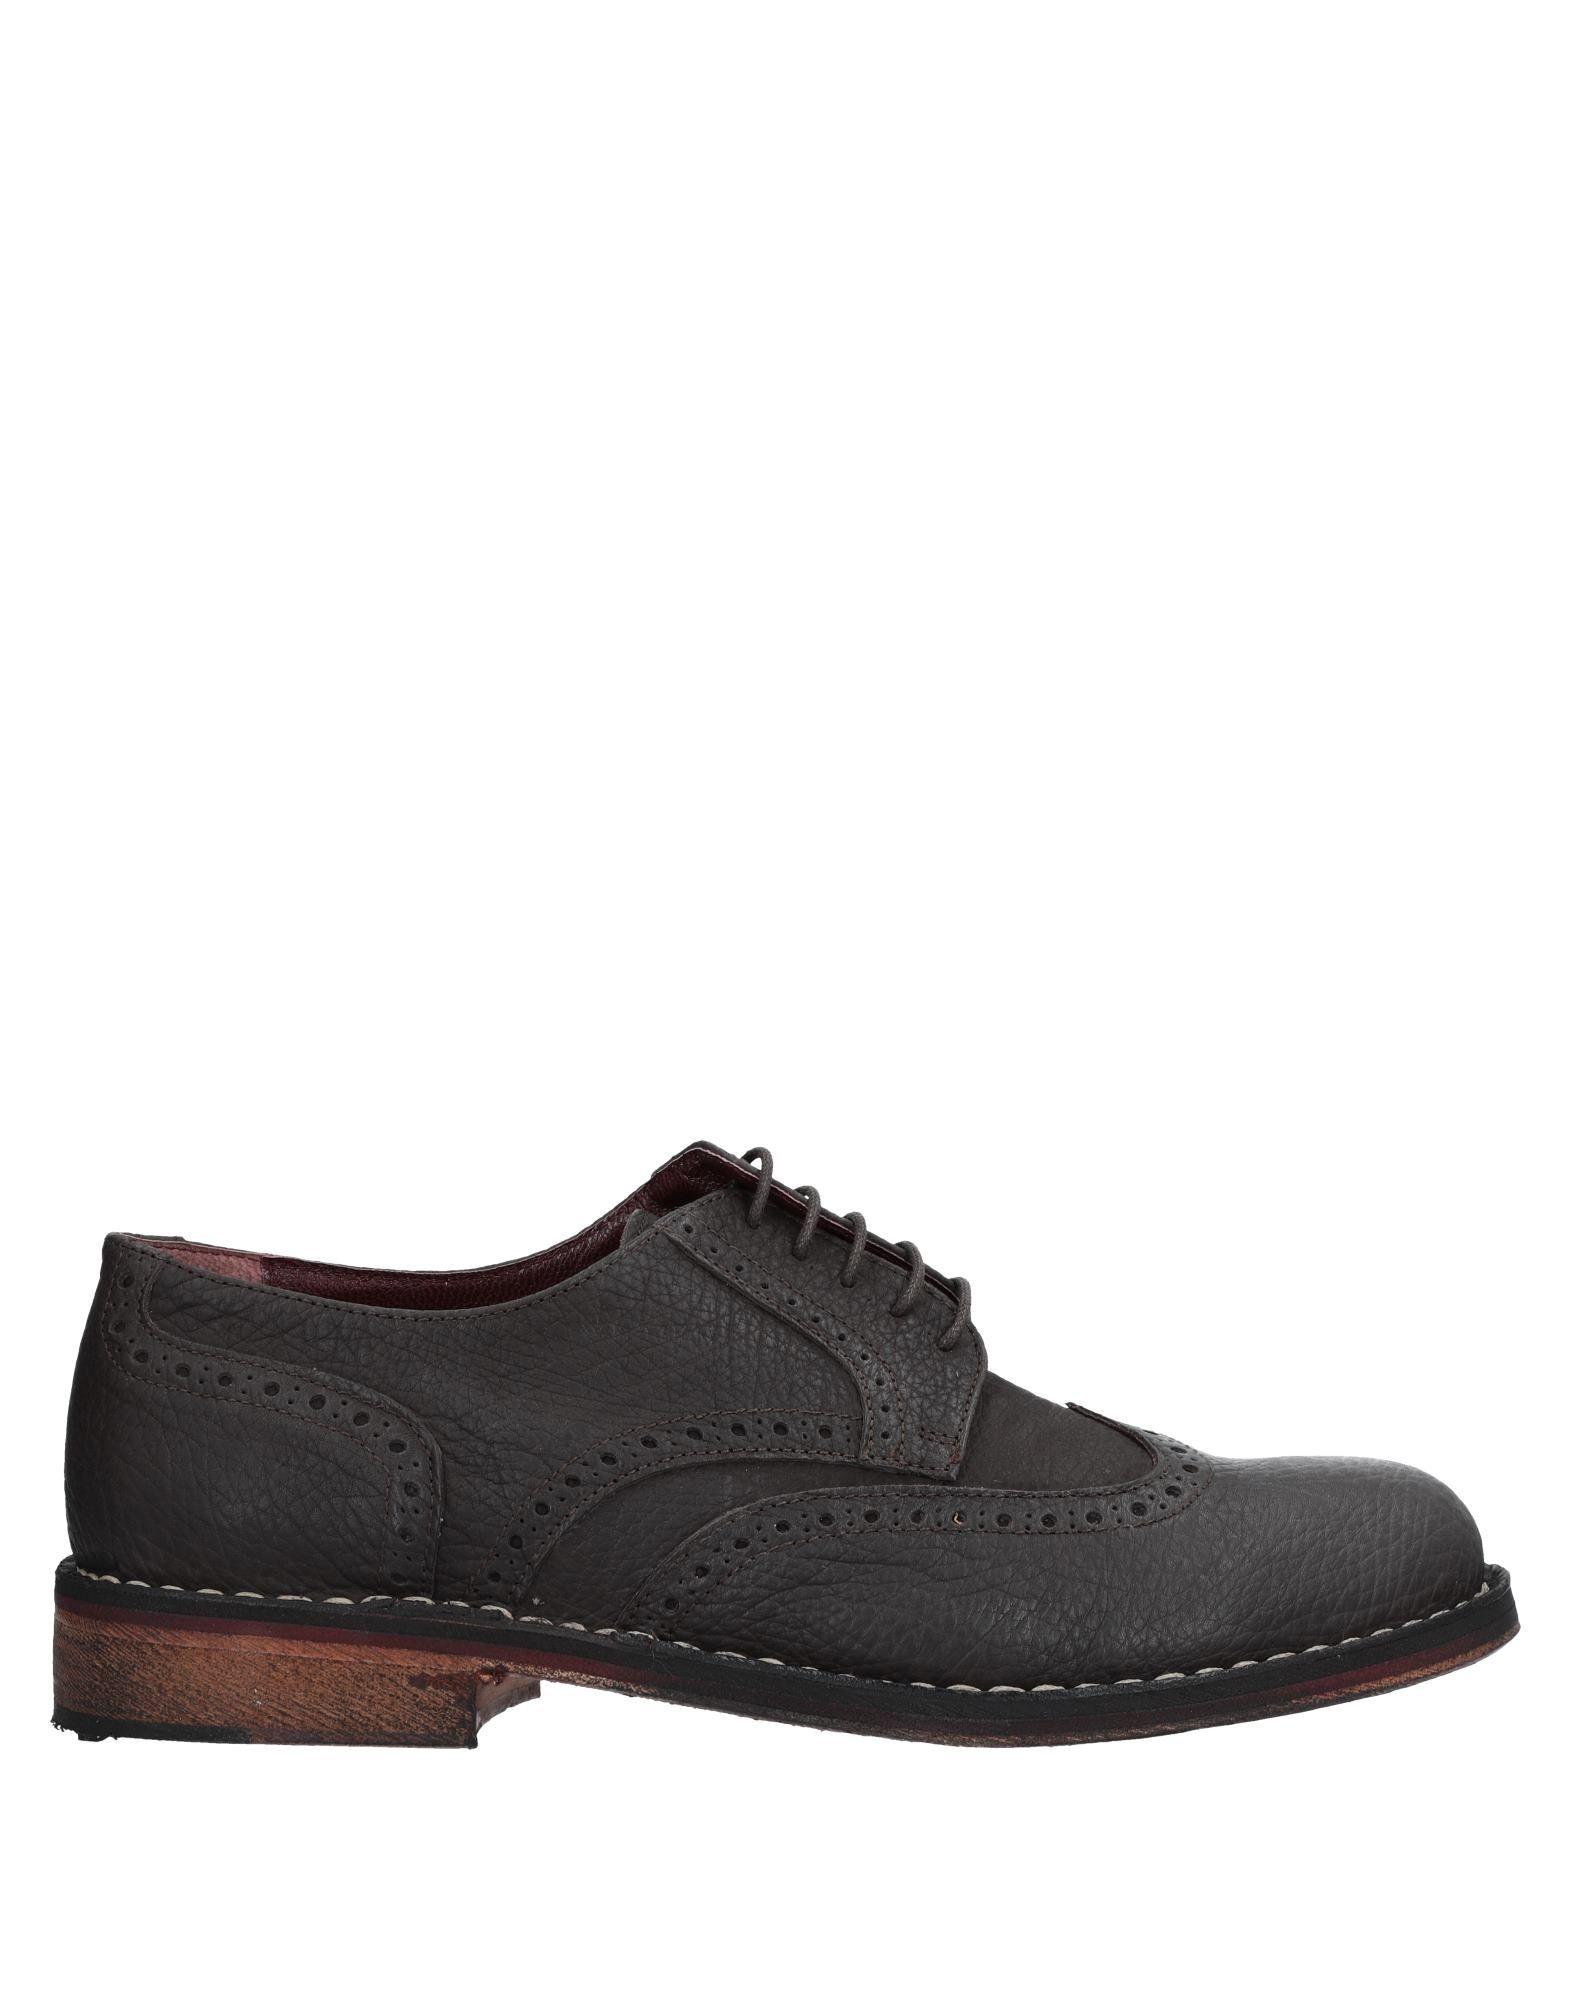 Tsd12 Schnürschuhe Herren  11537499PV Gute Qualität beliebte Schuhe